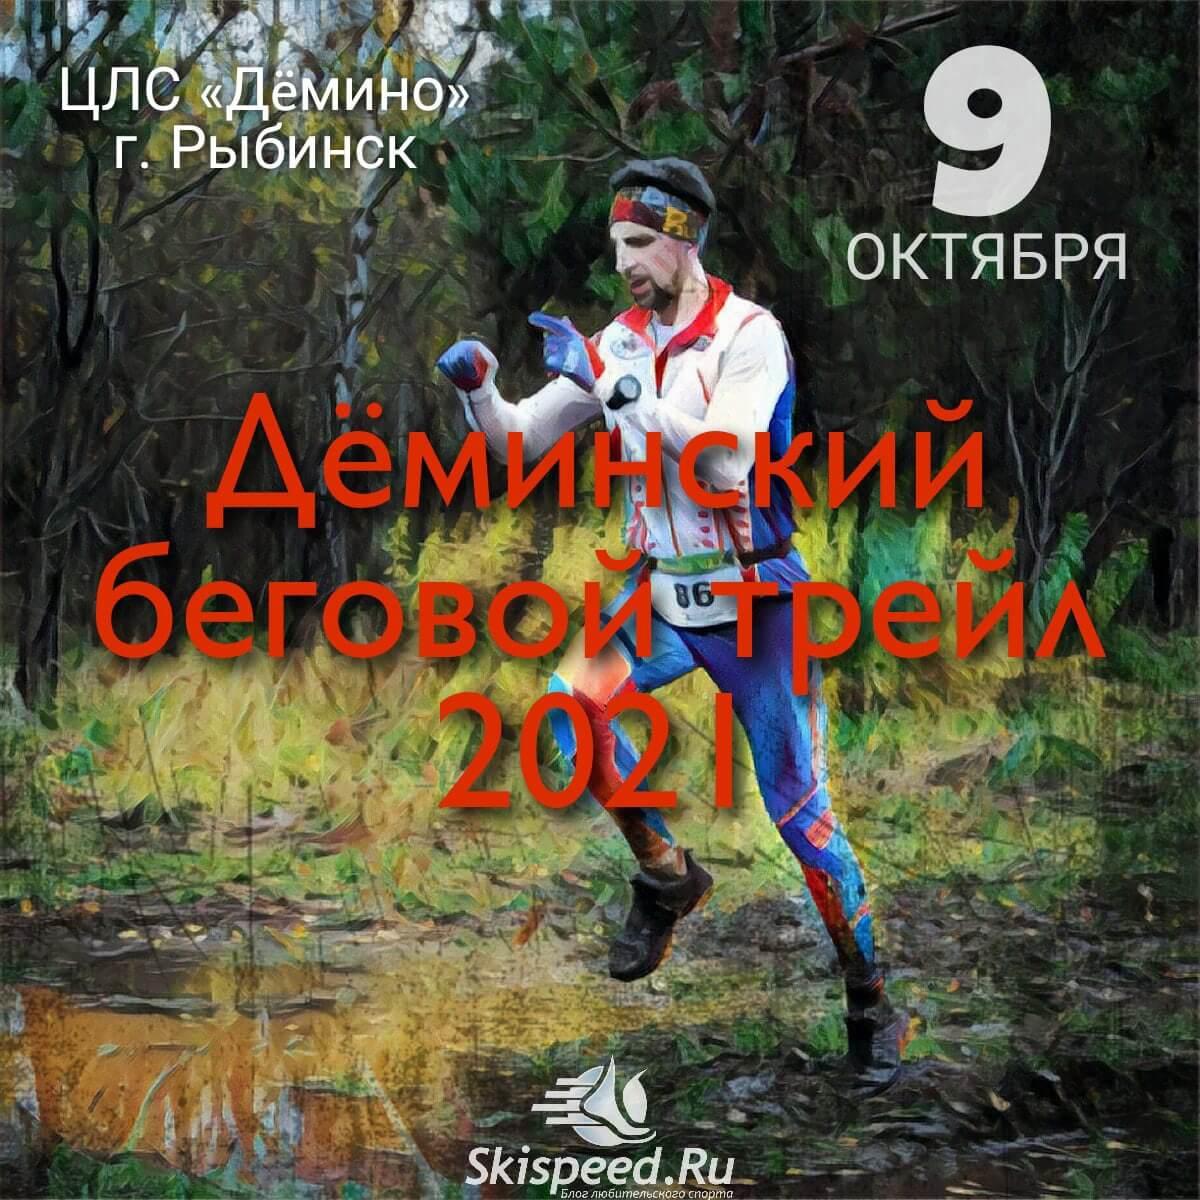 Дёминский беговой трейл 2021. Афиша соревнования